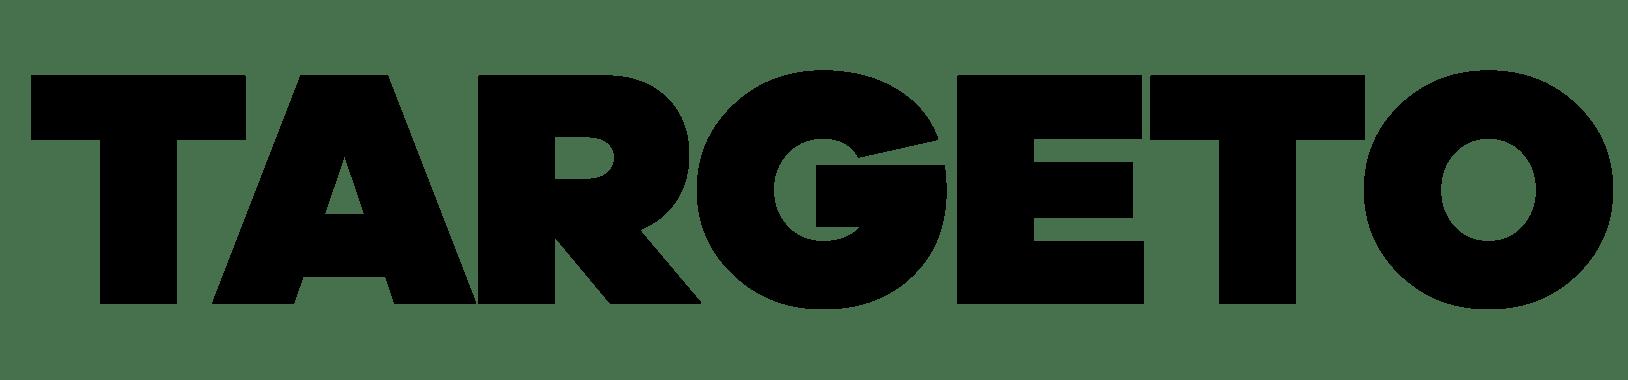 Targeto.com - Logo